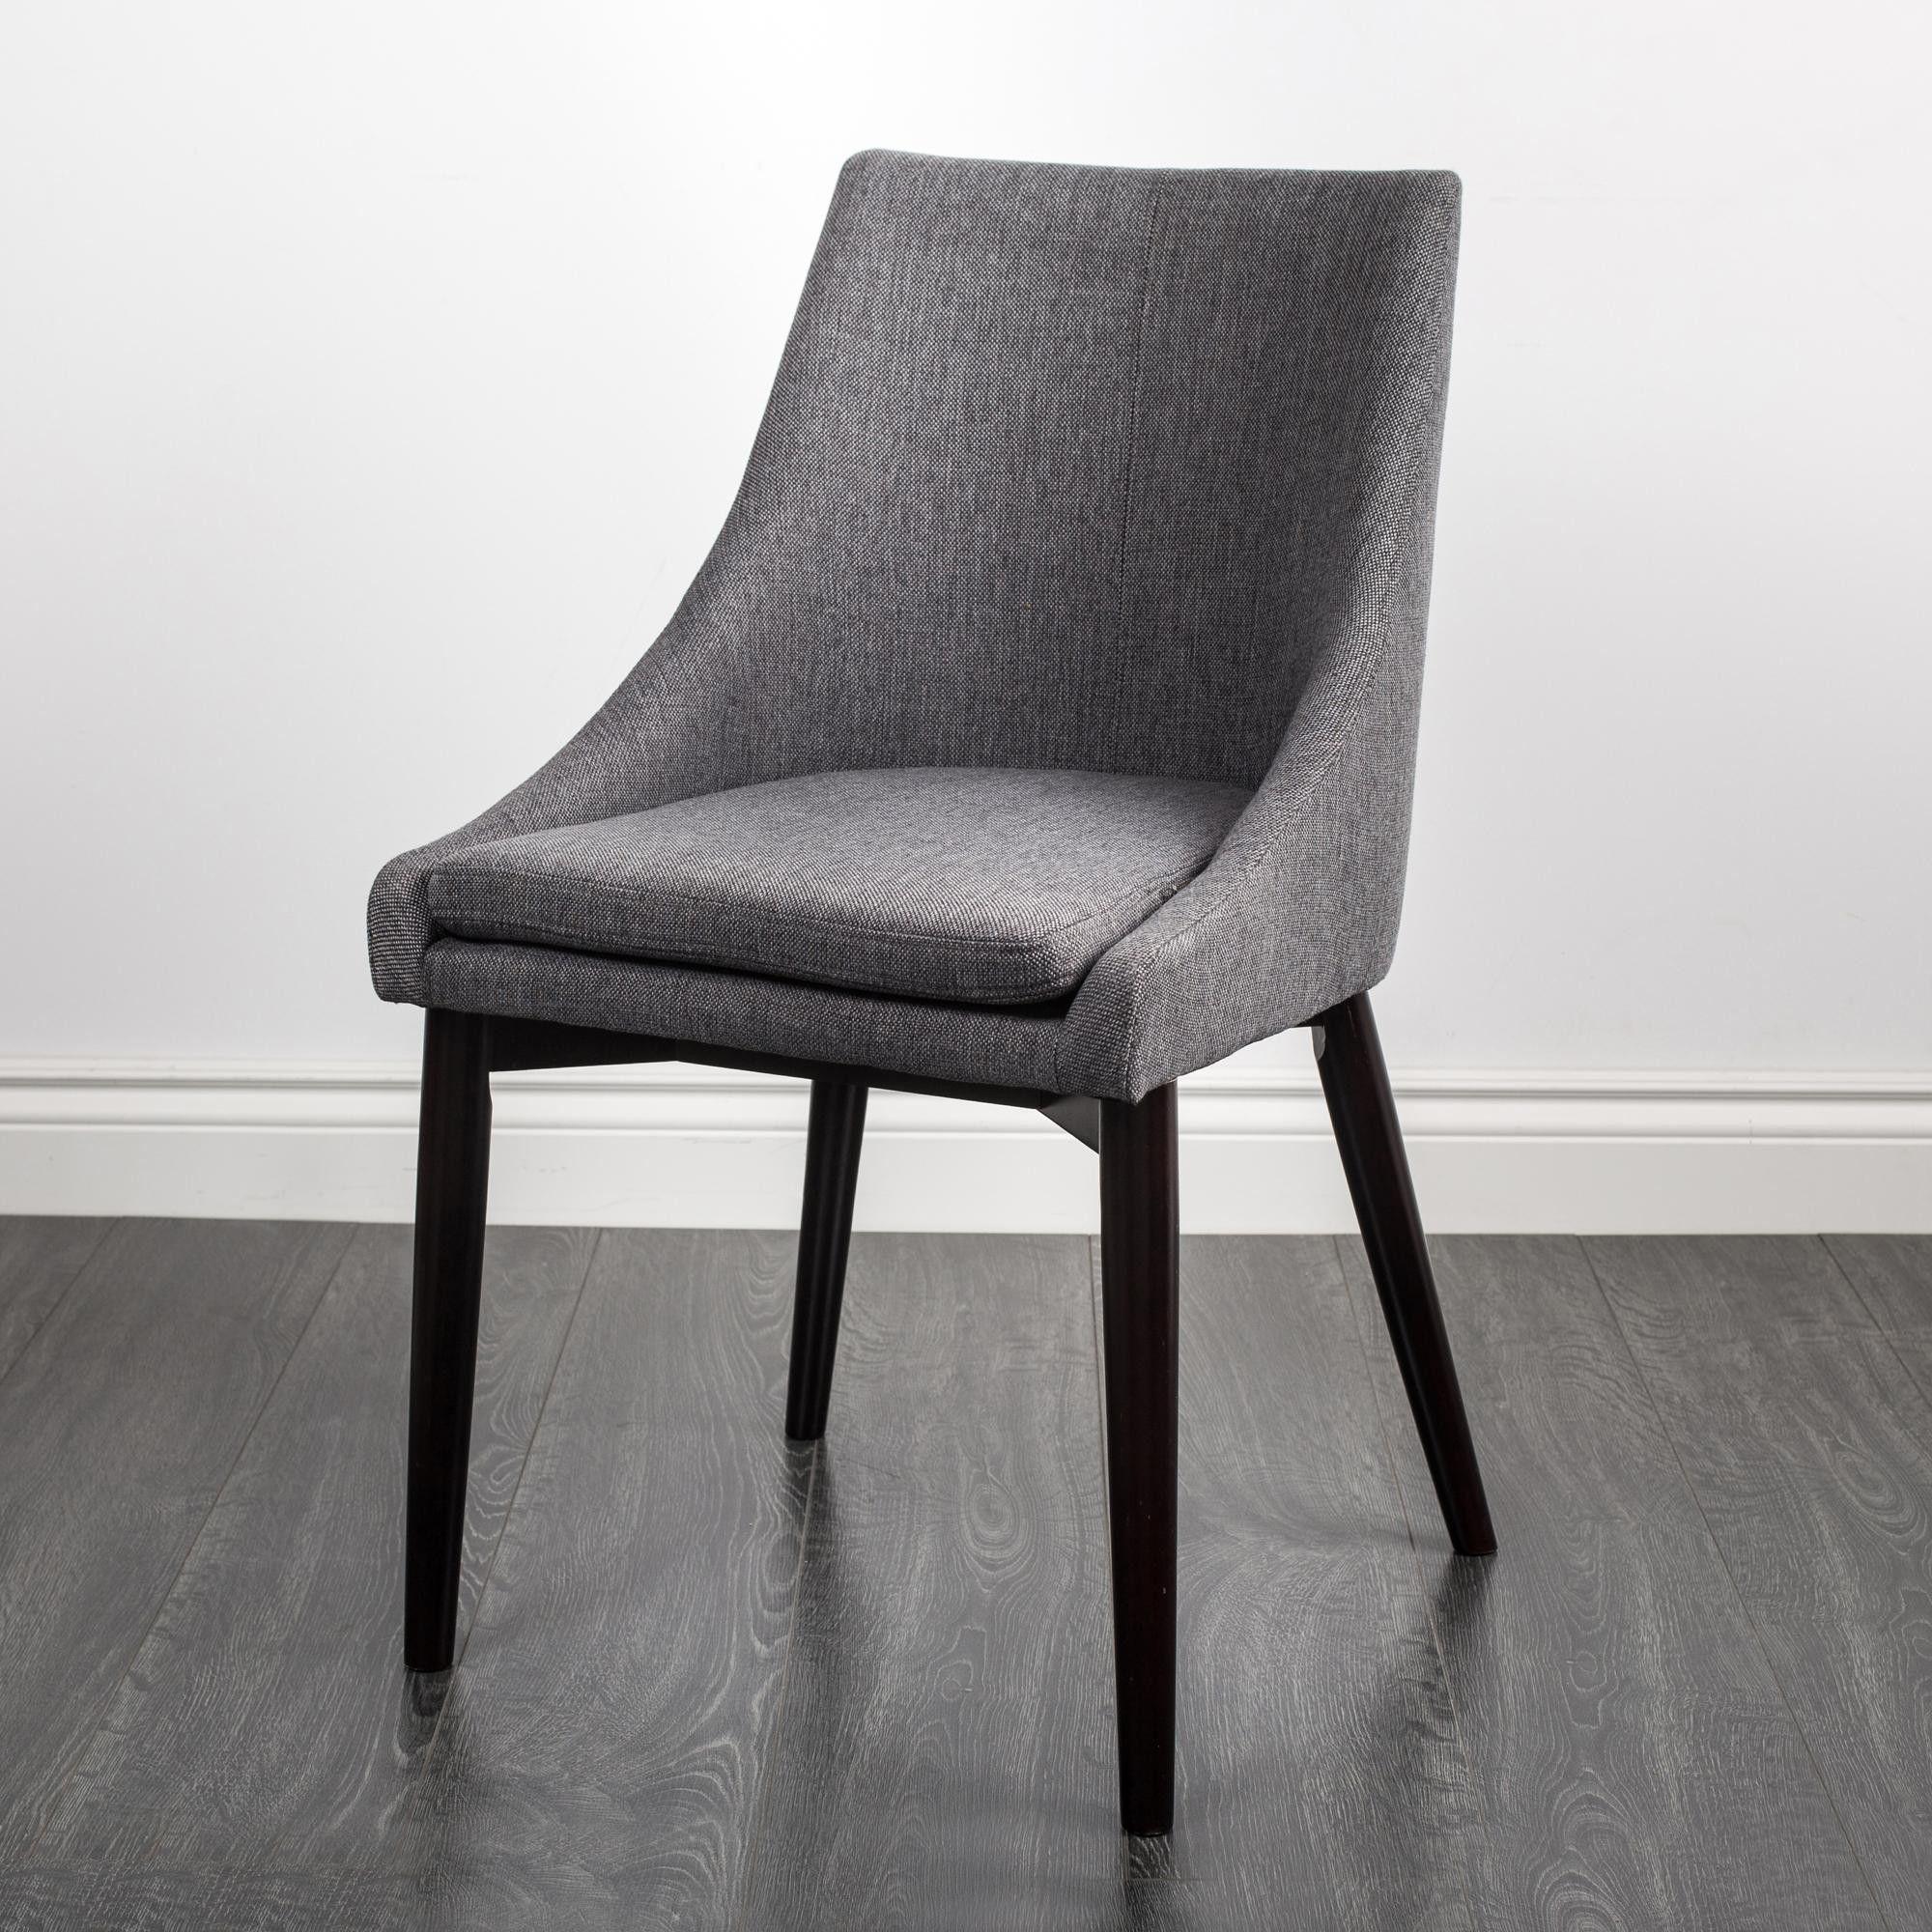 Grau Esszimmer Stühle Gepolsterte Leder Stühle Carver Stühle Silber